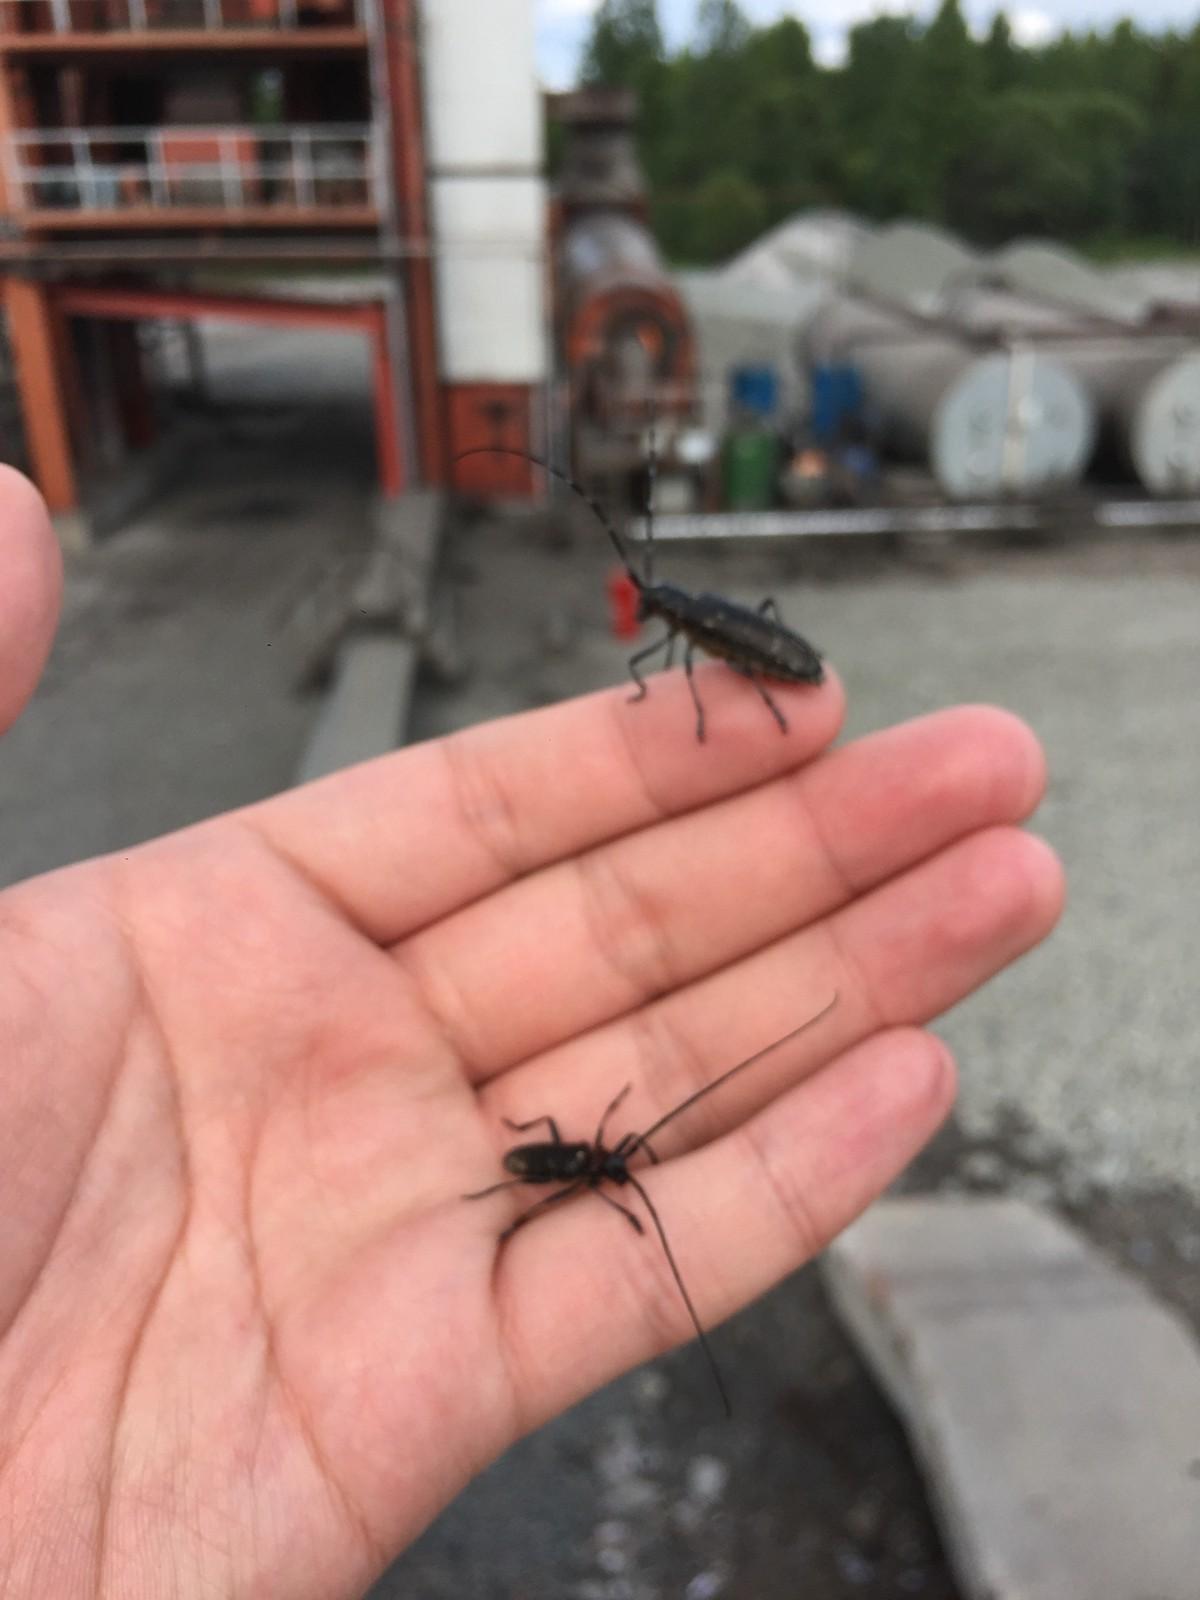 在工厂里面有许多奇奇怪怪的昆虫,俄罗斯夏天是动物们生命力最旺盛的时间